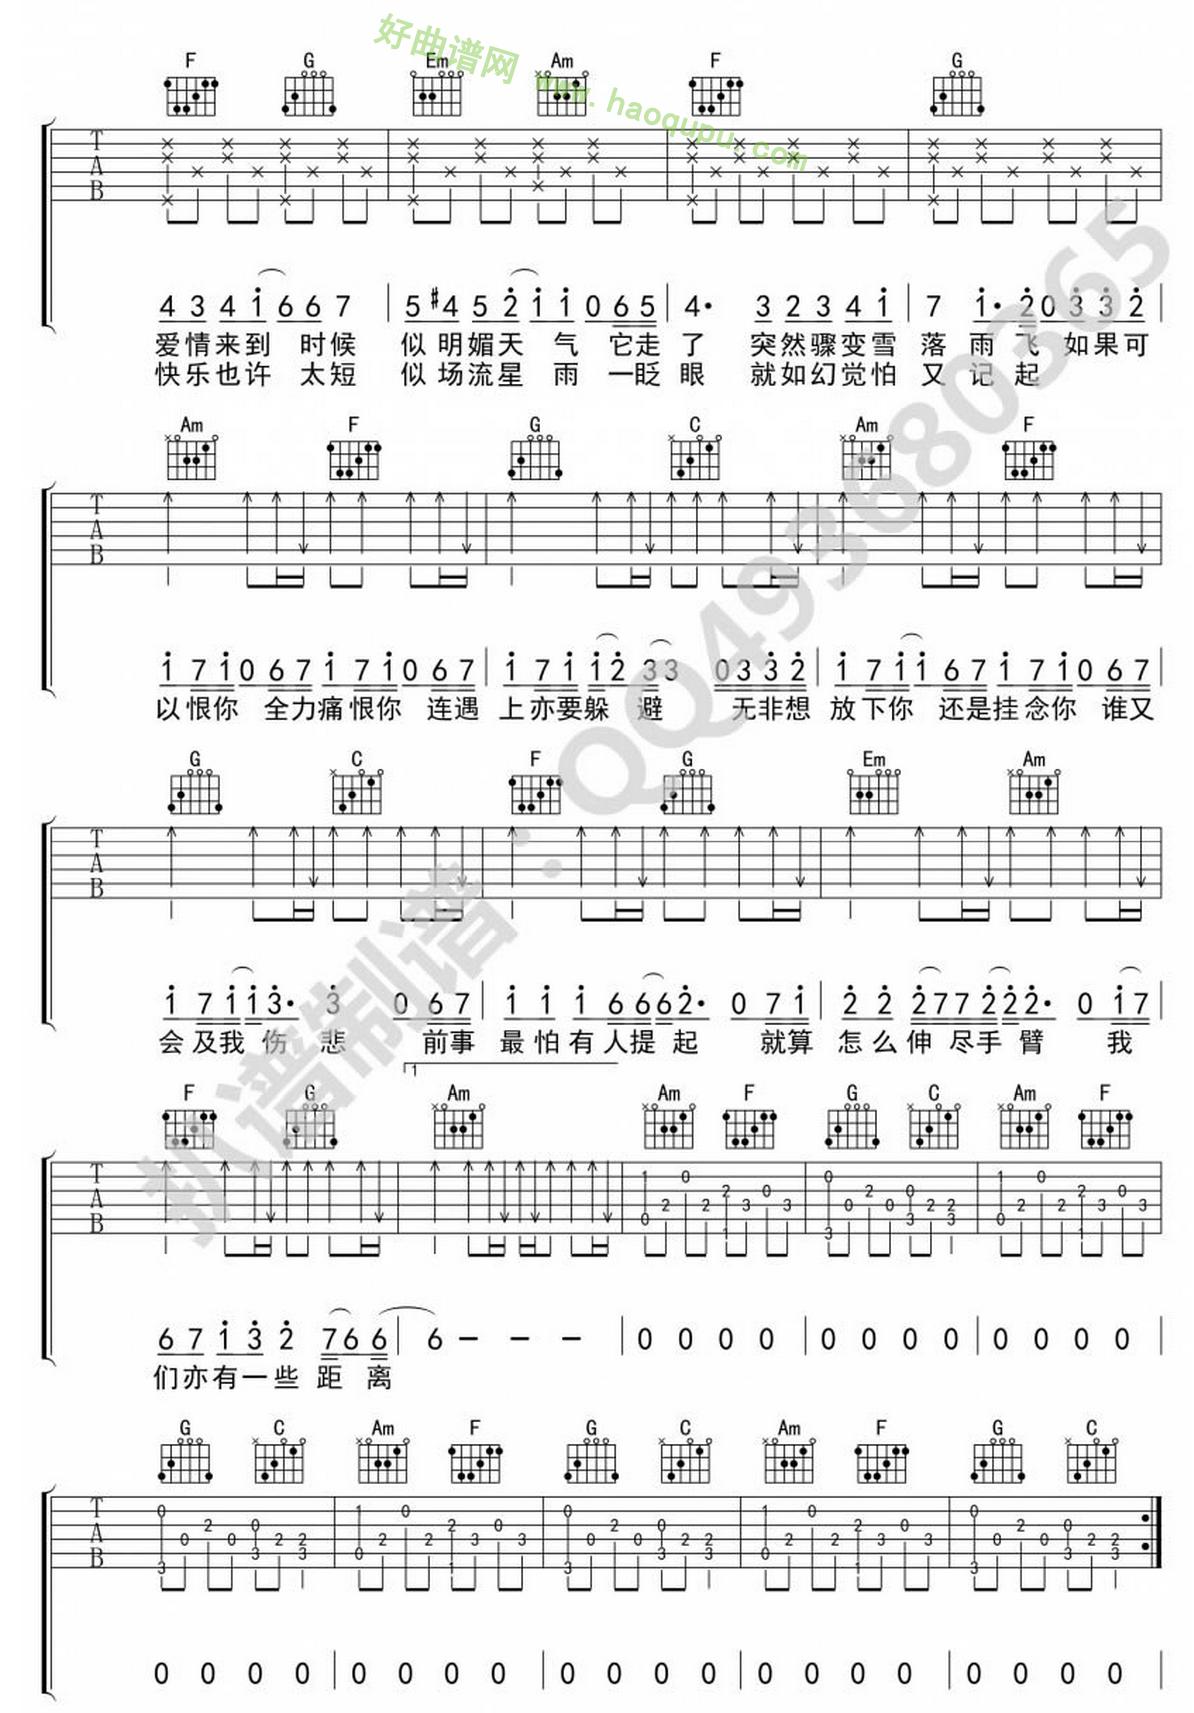 《爱在记忆中找你》(林峰演唱)吉他谱第2张